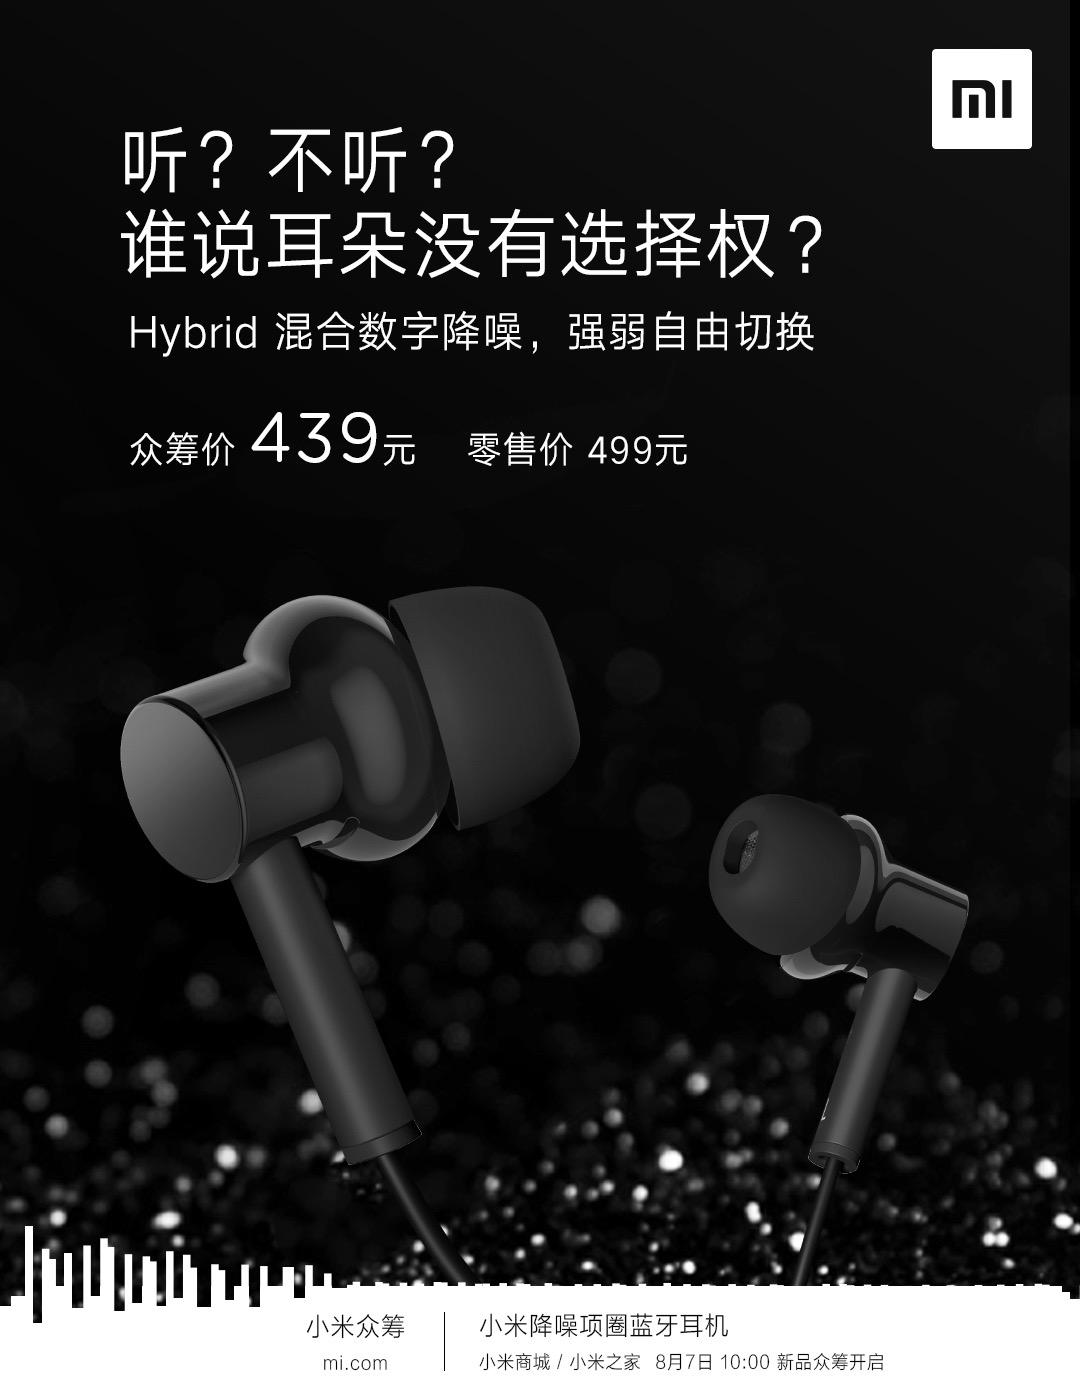 Xiaomi presentará unos nuevos auriculares con cancelación de ruido híbrida. Noticias Xiaomi Adictos